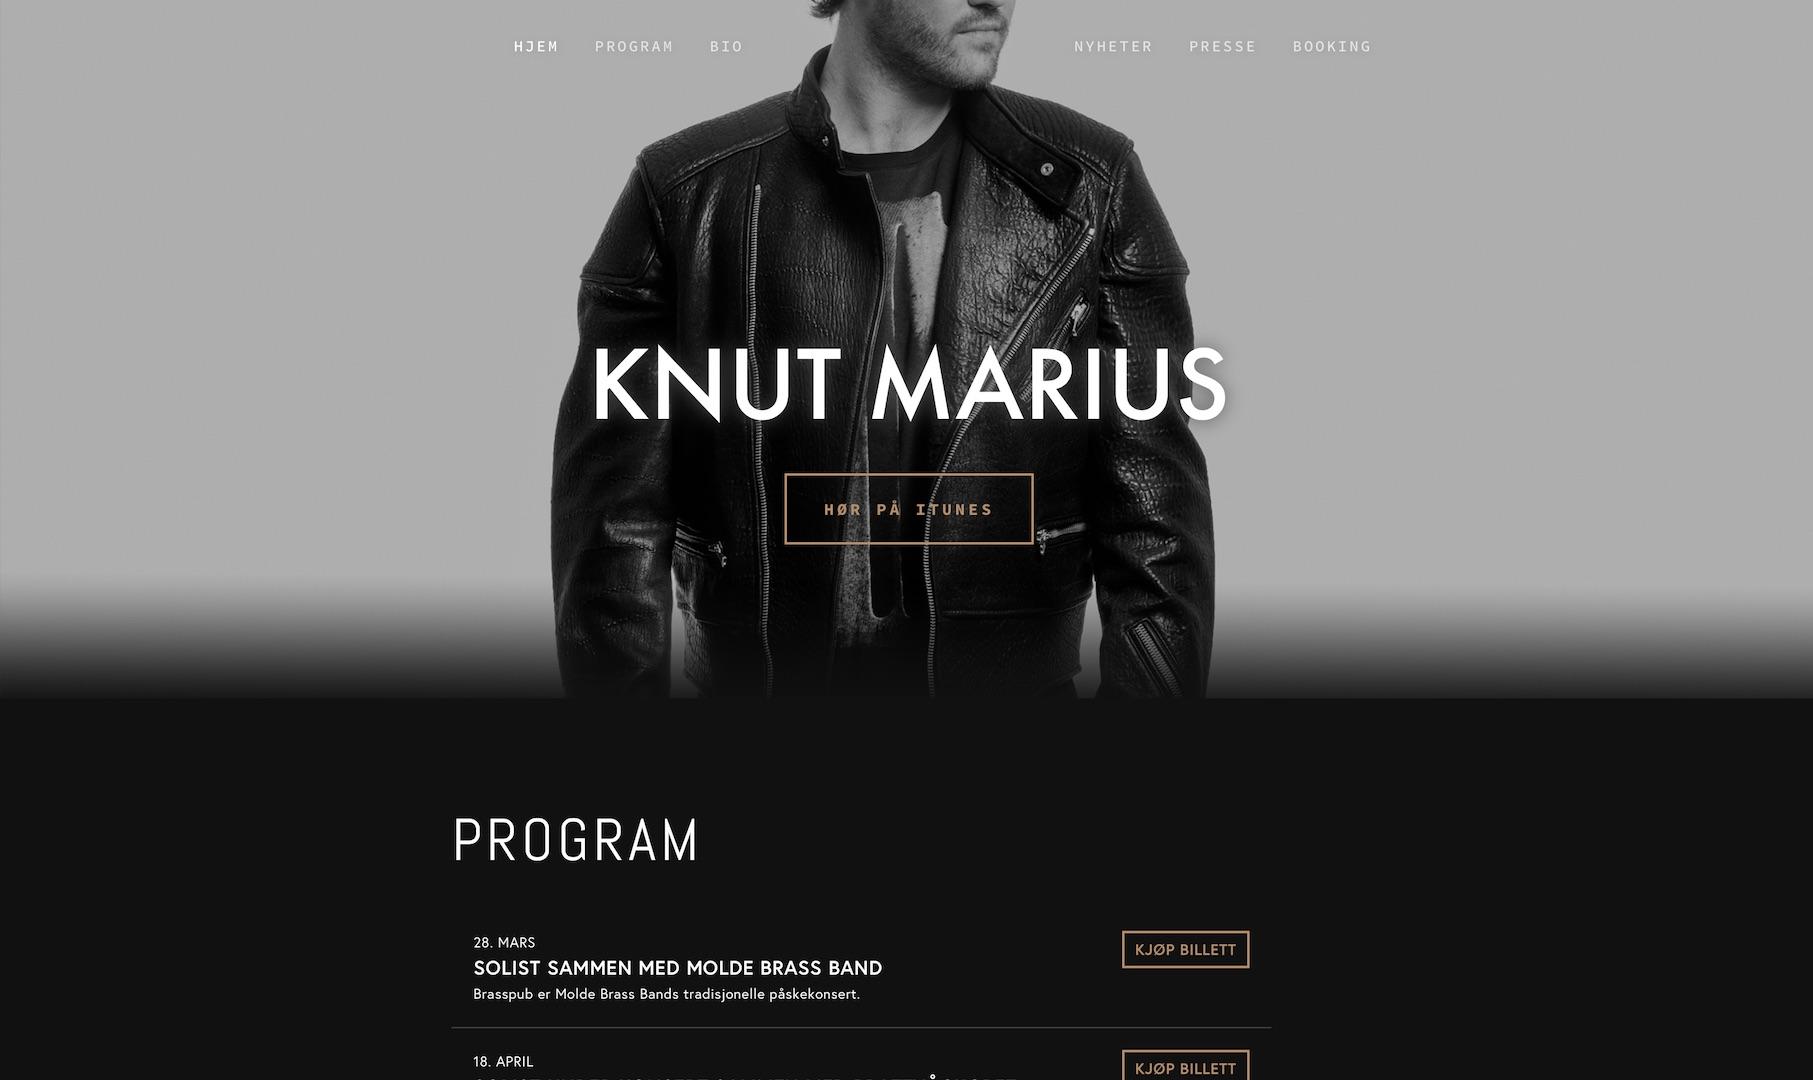 Knut Marius er en sanger fra Tomrefjord i Møre og Romsdal. Han er vokalist i gruppene Red Hot og Soultrain, og vant sangkonkurransen The Voice i 2013.